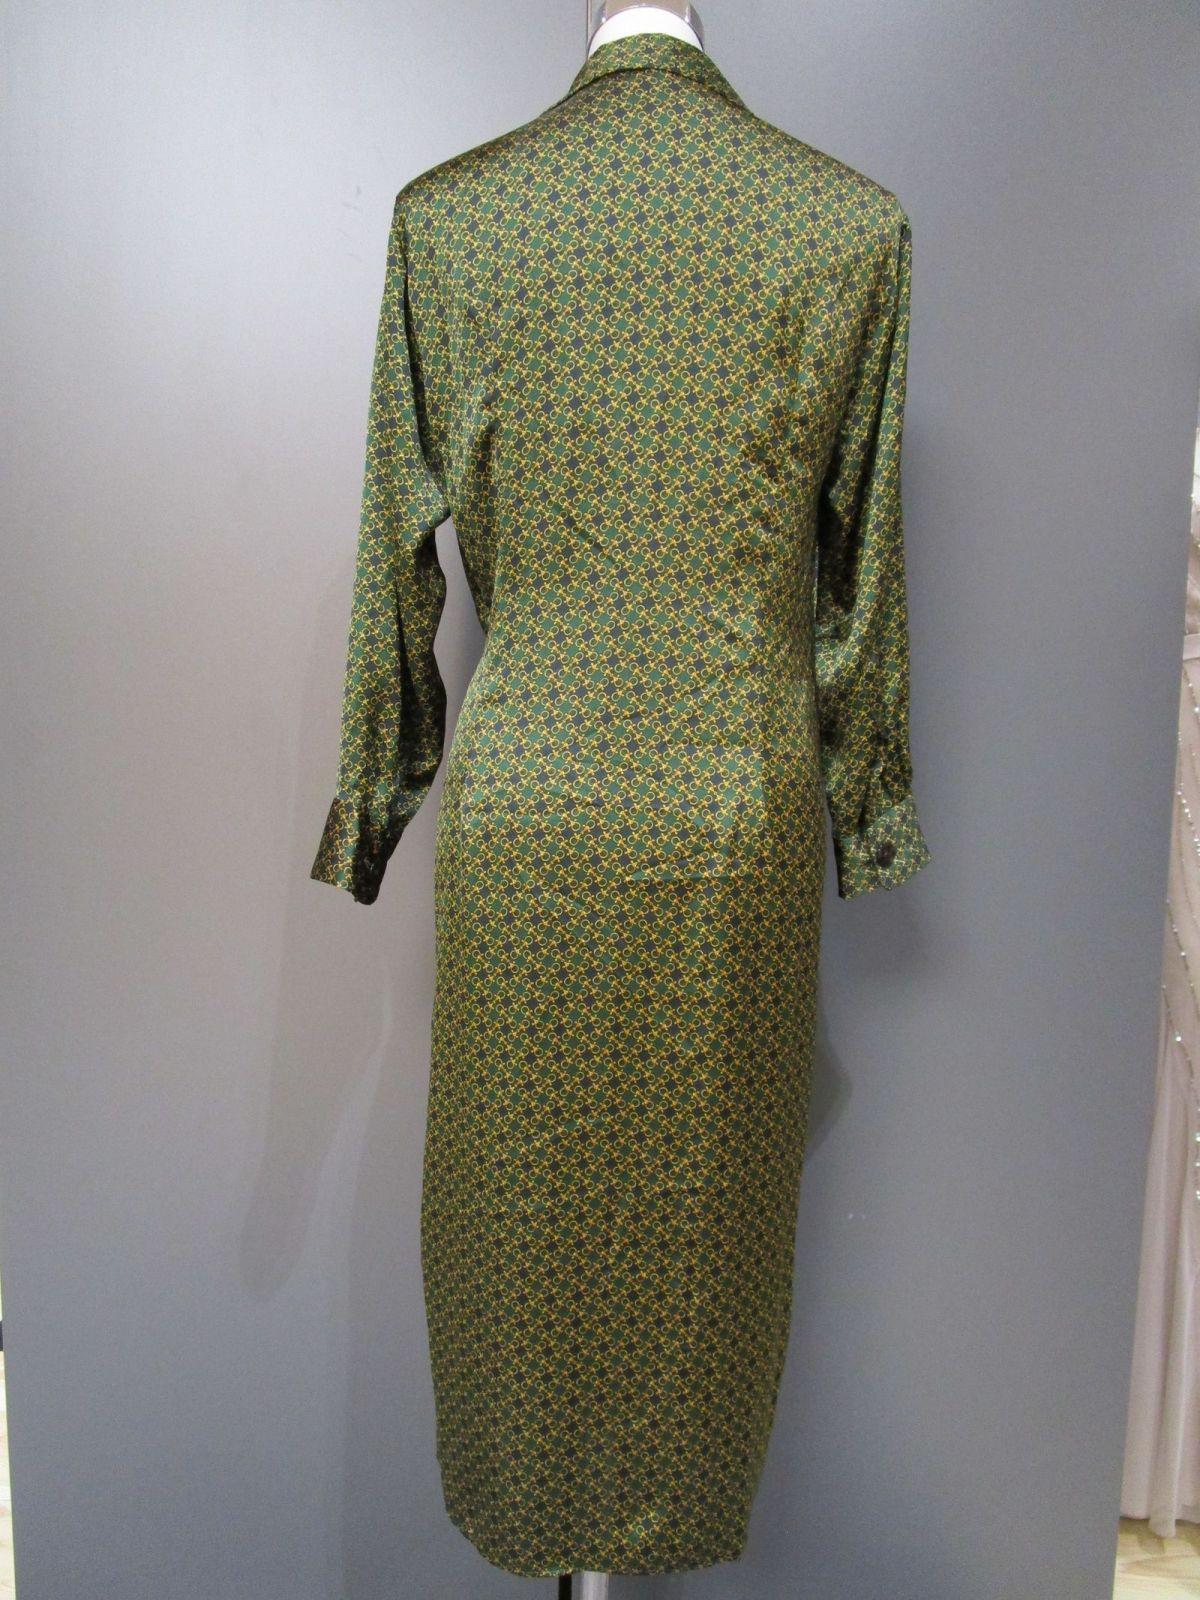 Zara Woman Kleid Langarm Vausschnitt Grüngold Grm